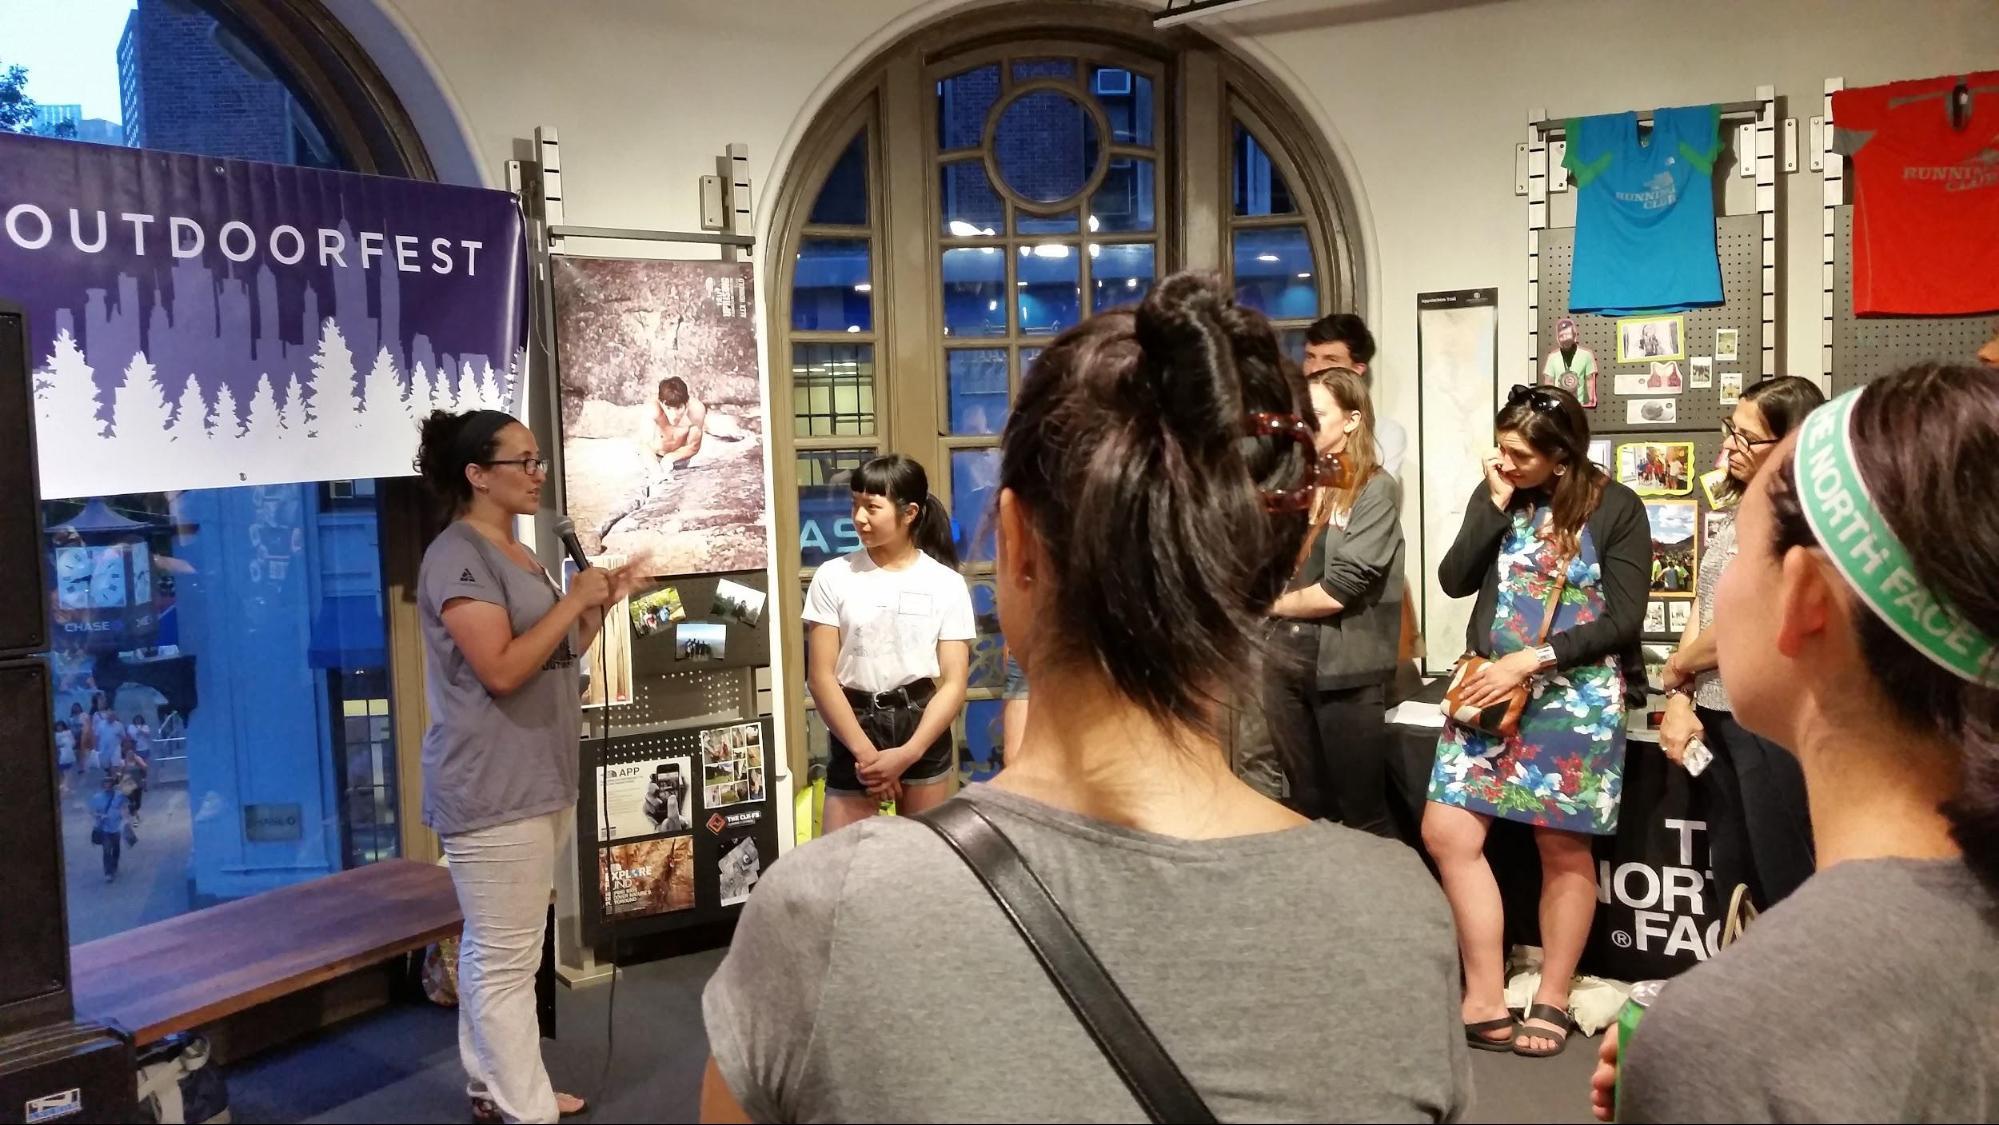 Sarah Knapp fundadora de Outdoorfest, introduciendo a Ashima Shiraishi.